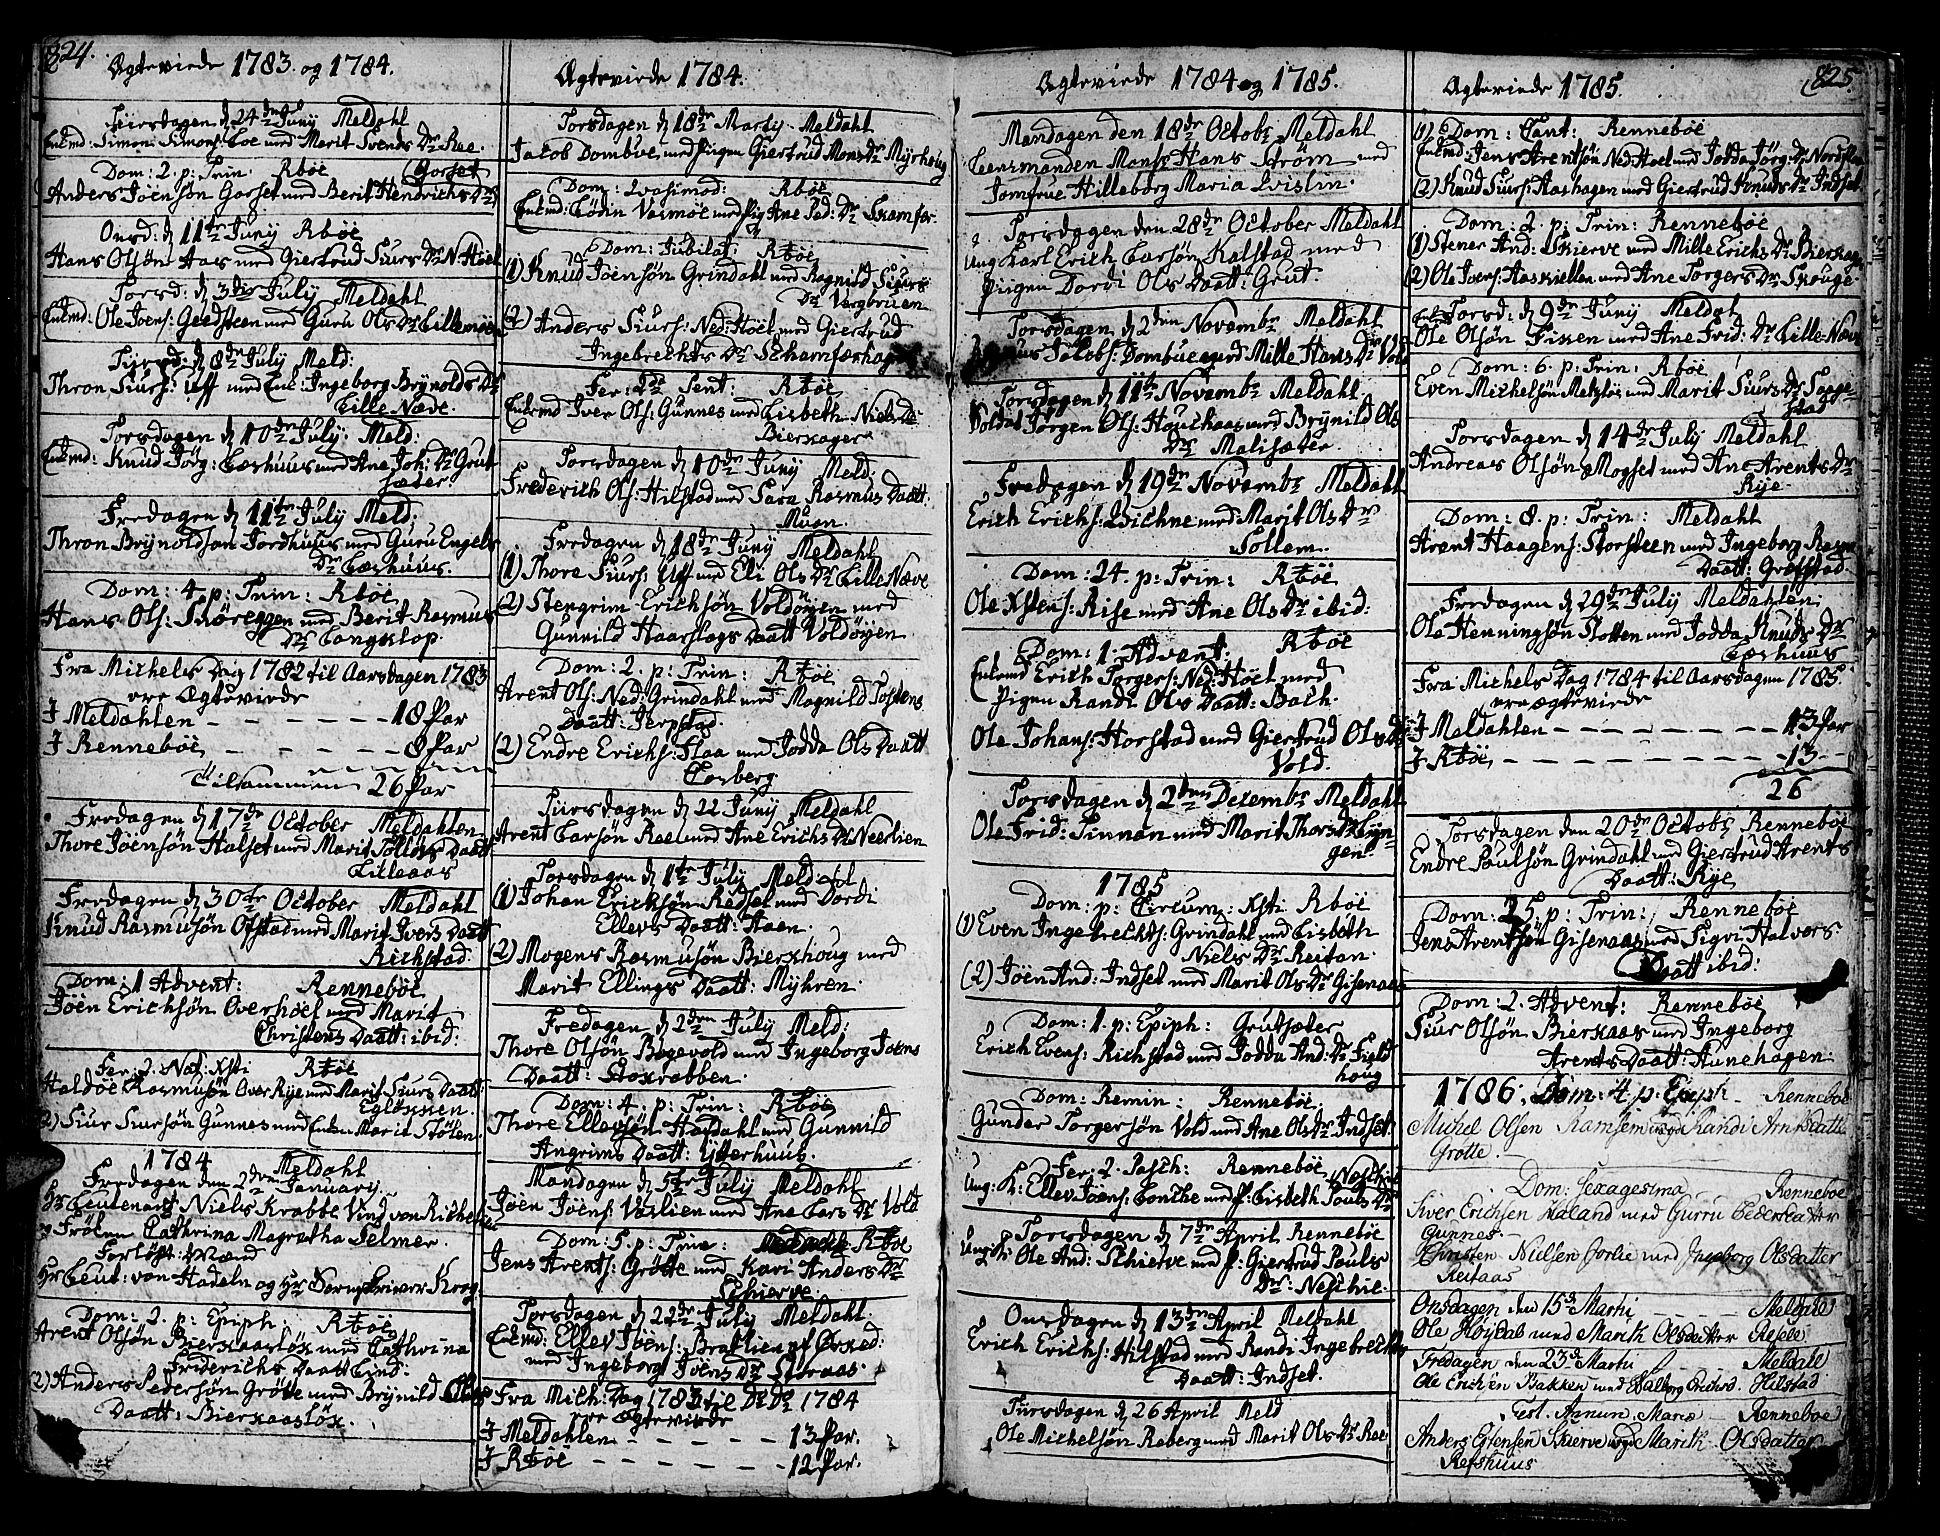 SAT, Ministerialprotokoller, klokkerbøker og fødselsregistre - Sør-Trøndelag, 672/L0852: Ministerialbok nr. 672A05, 1776-1815, s. 824-825